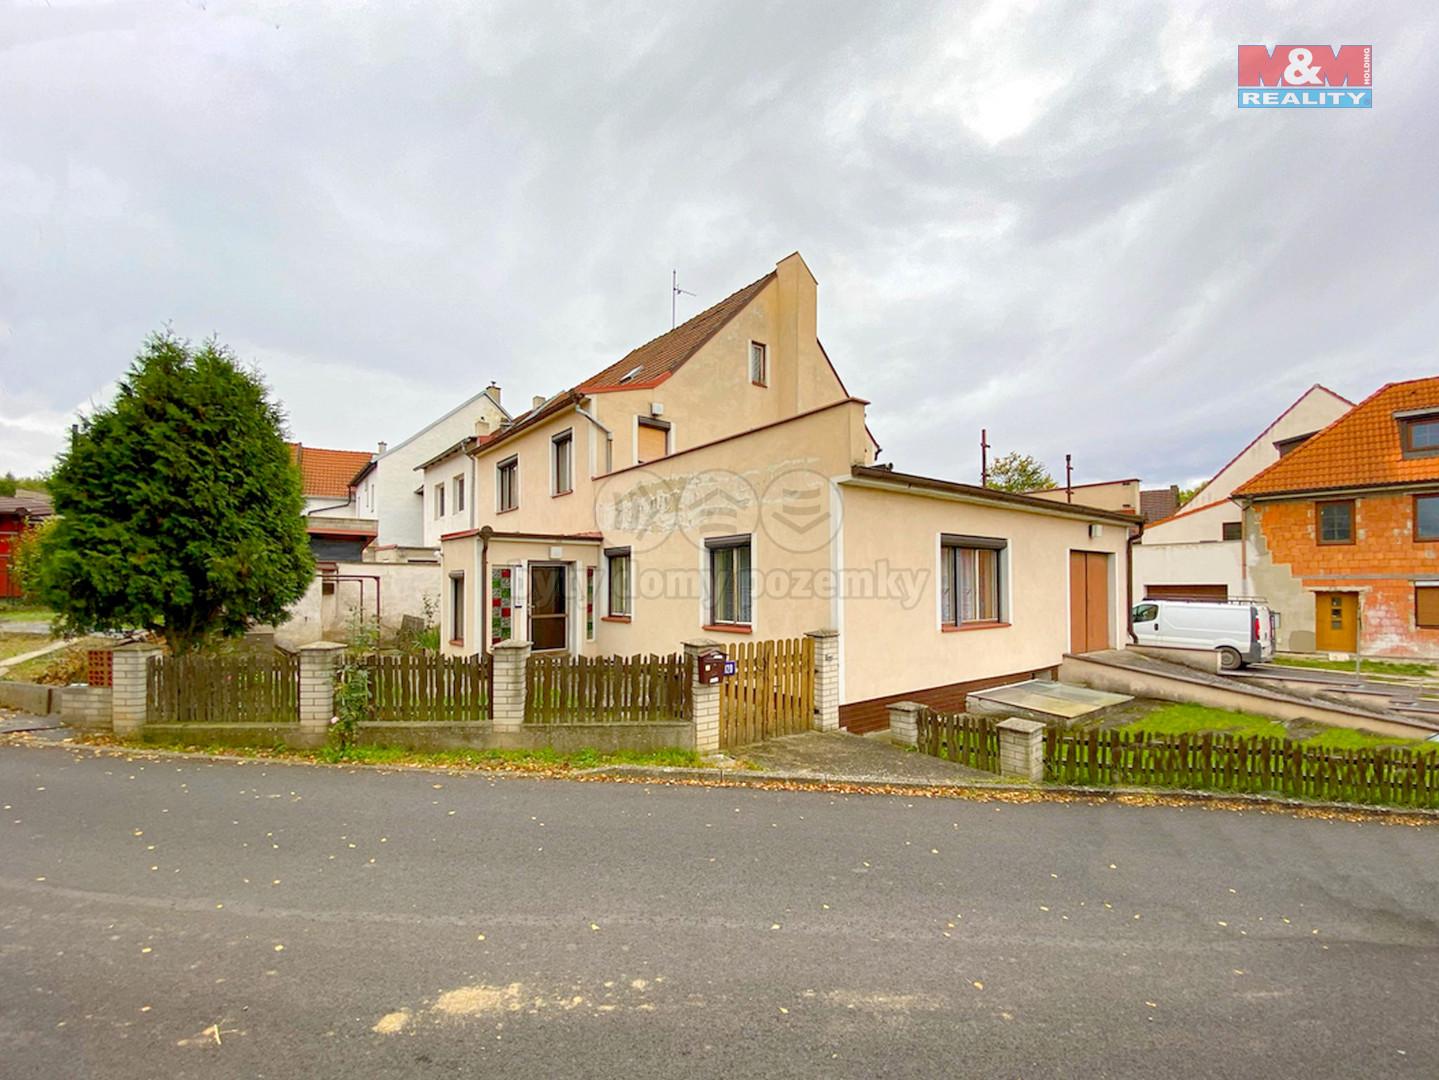 Prodej rodinného domu, 405 m², Hoštka, ul. Malá strana